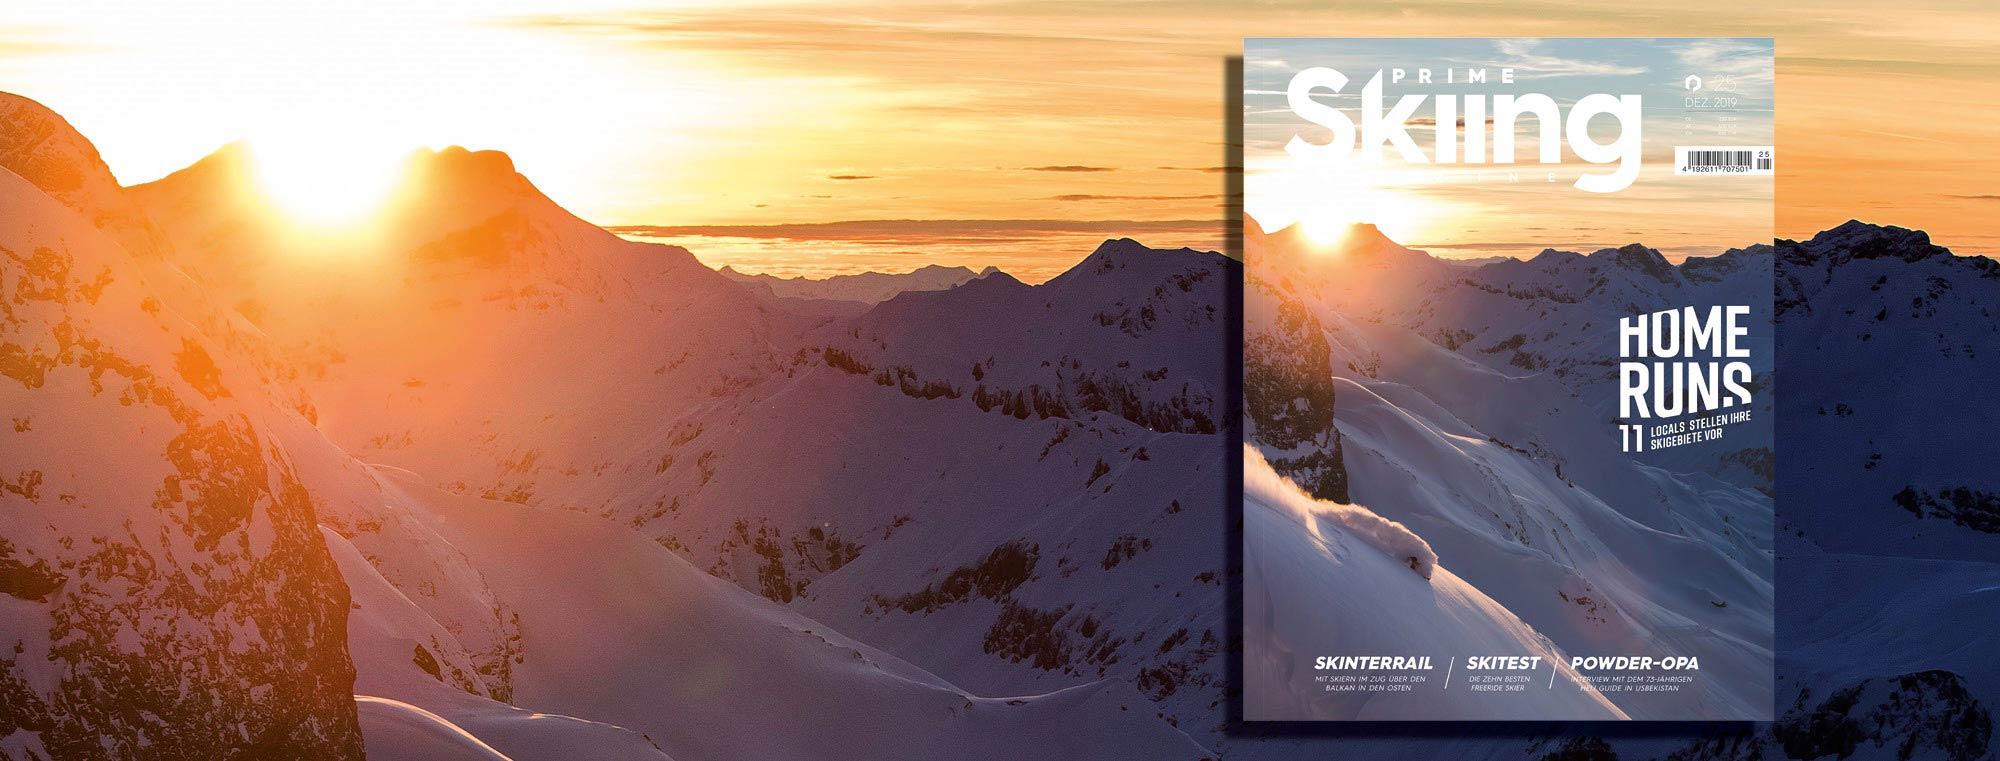 PRIME Skiing #25 – Jetzt am Kiosk!